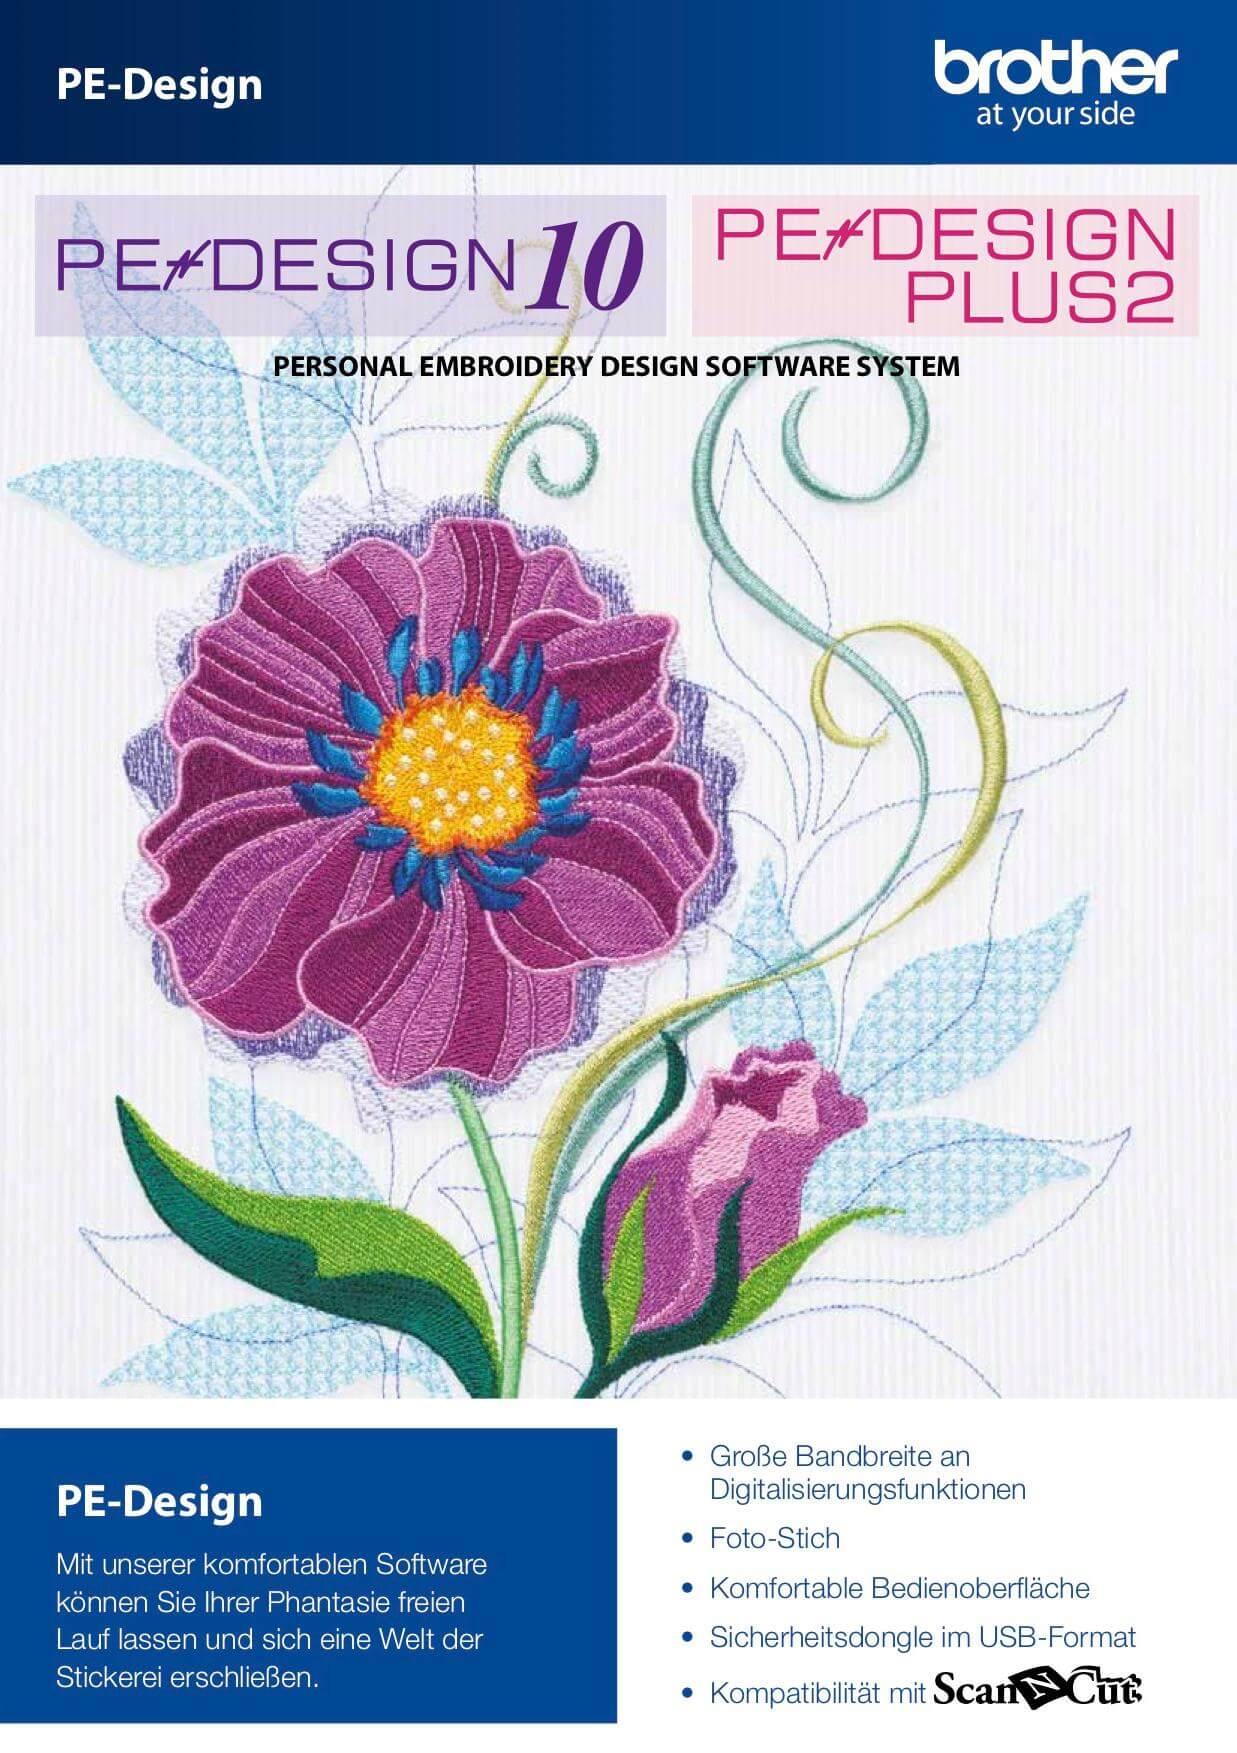 PE-Design Plus 2 Seite 01